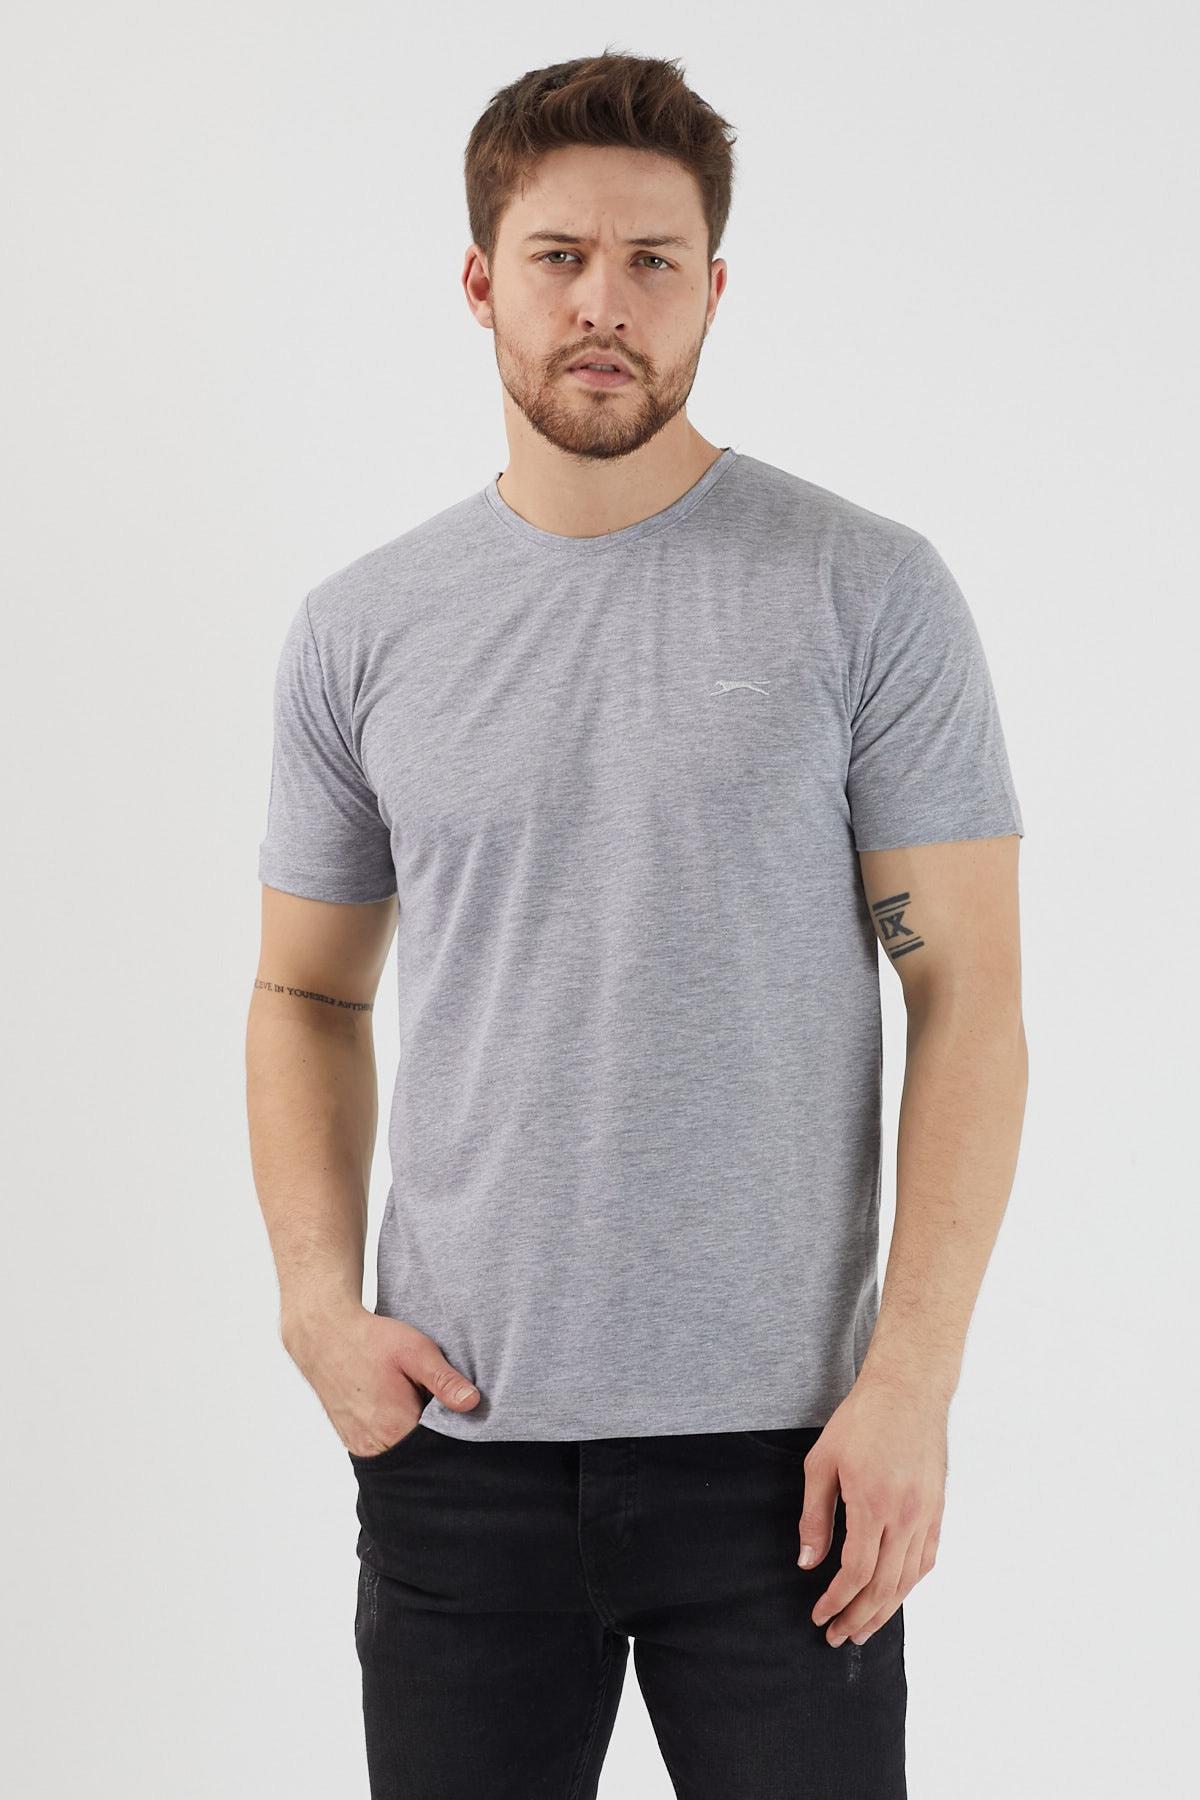 Slazenger SANDER Erkek T-Shirt Gri ST11TE083